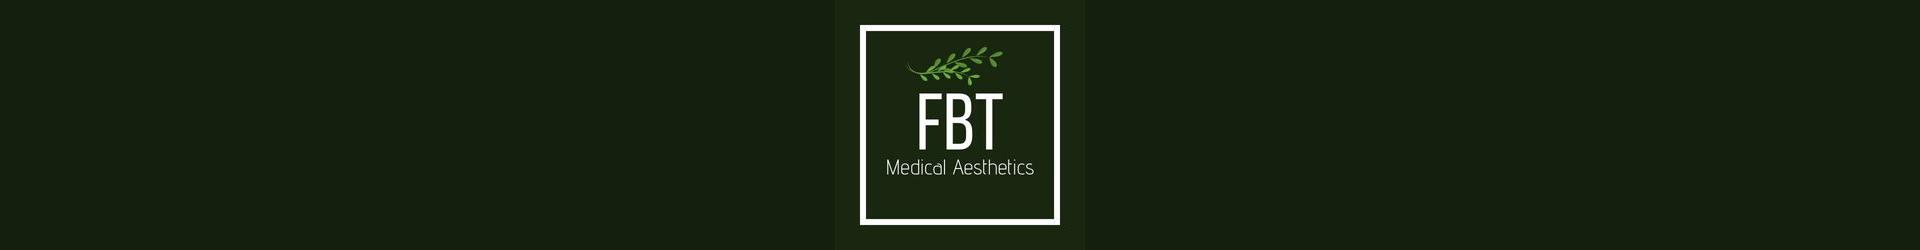 FBT Medical Aesthetics